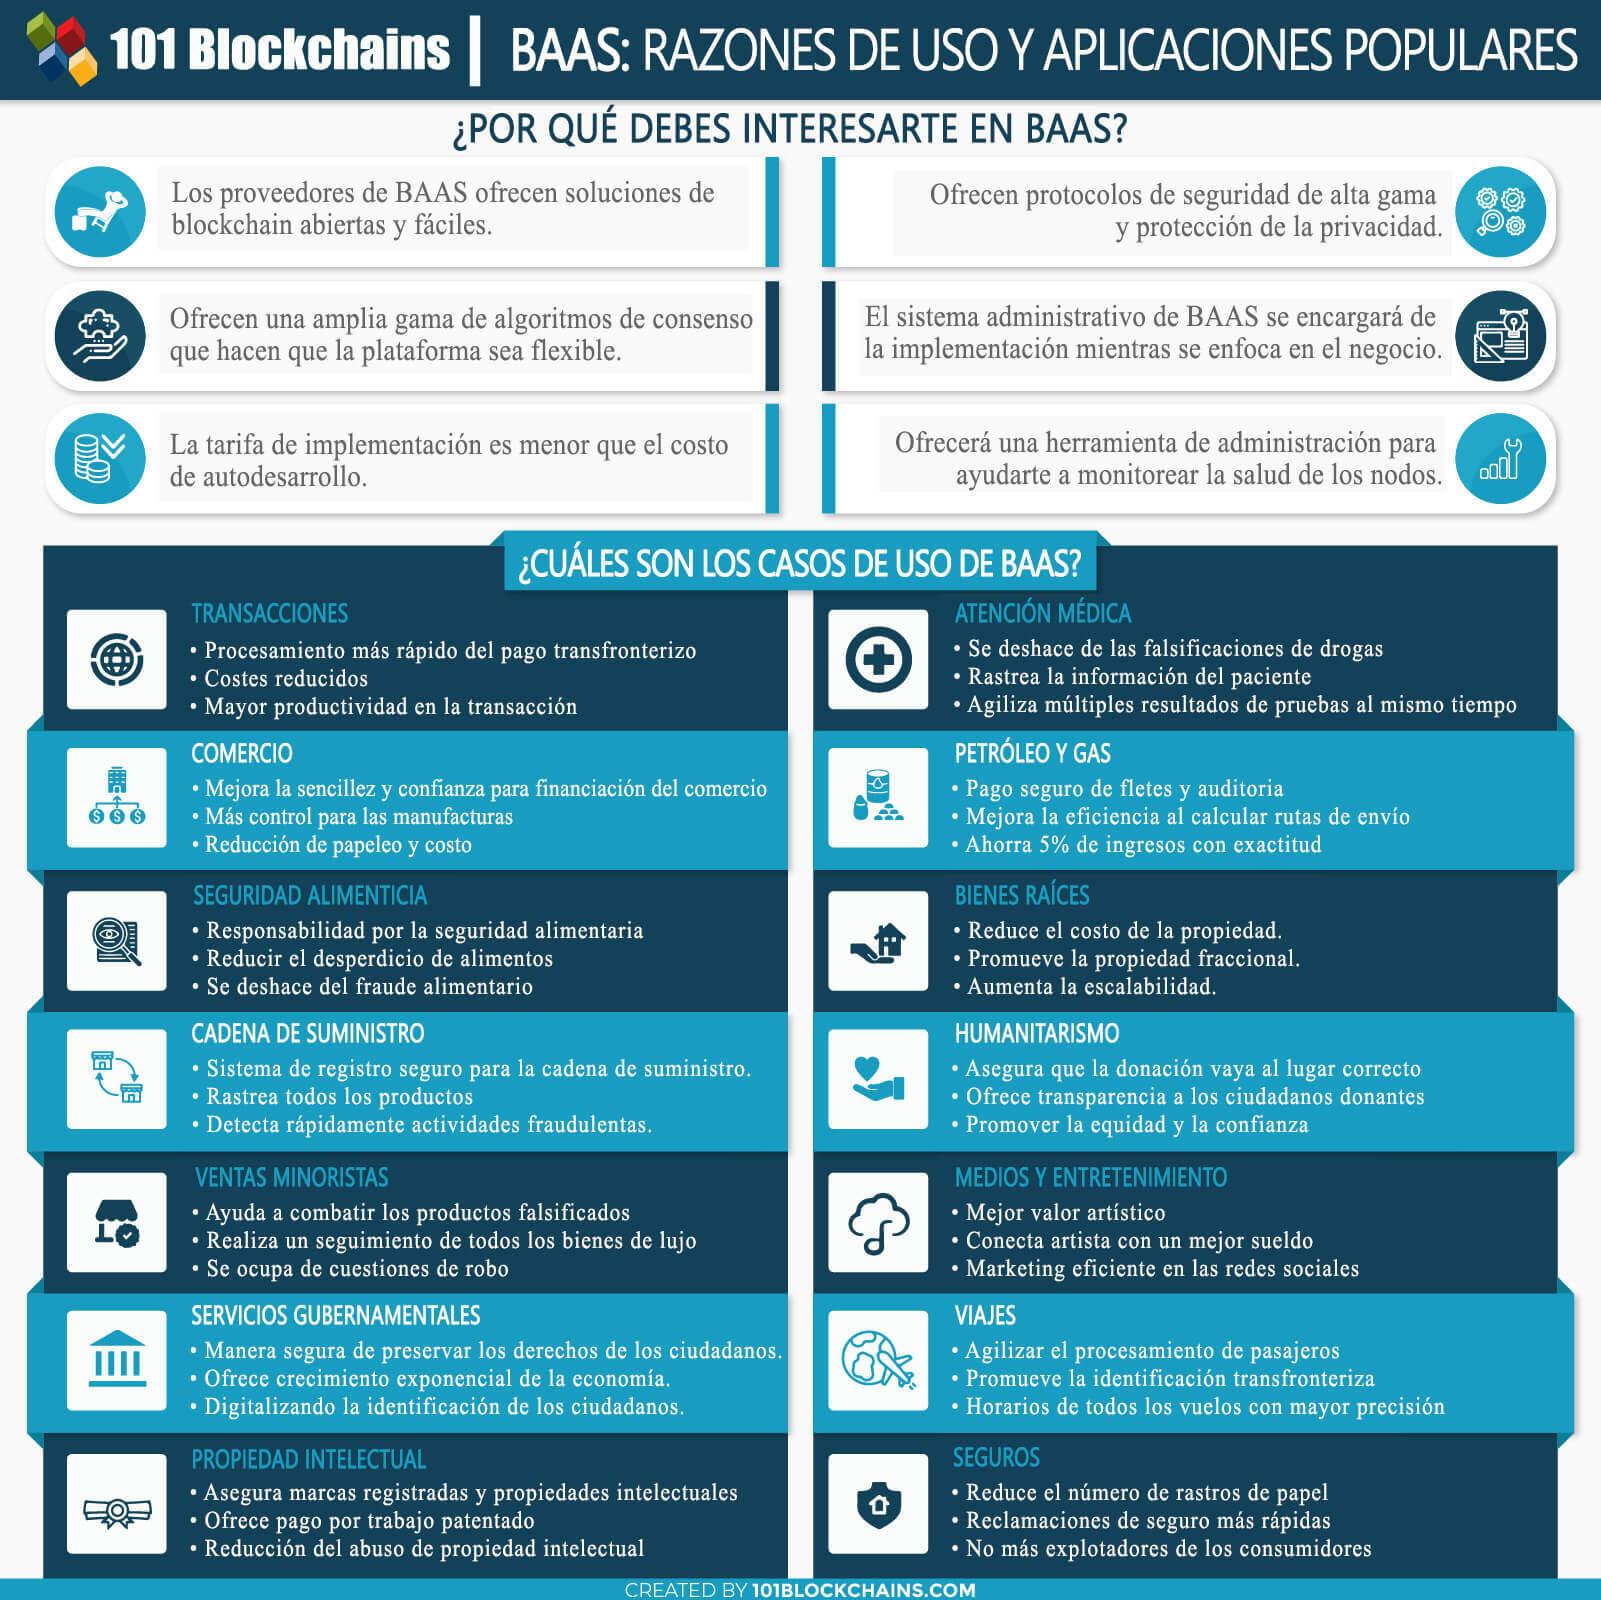 BLOCKCHAIN COMO SERVICIO BAAS RAZONES DE USO Y APLICACIONES POPULARES